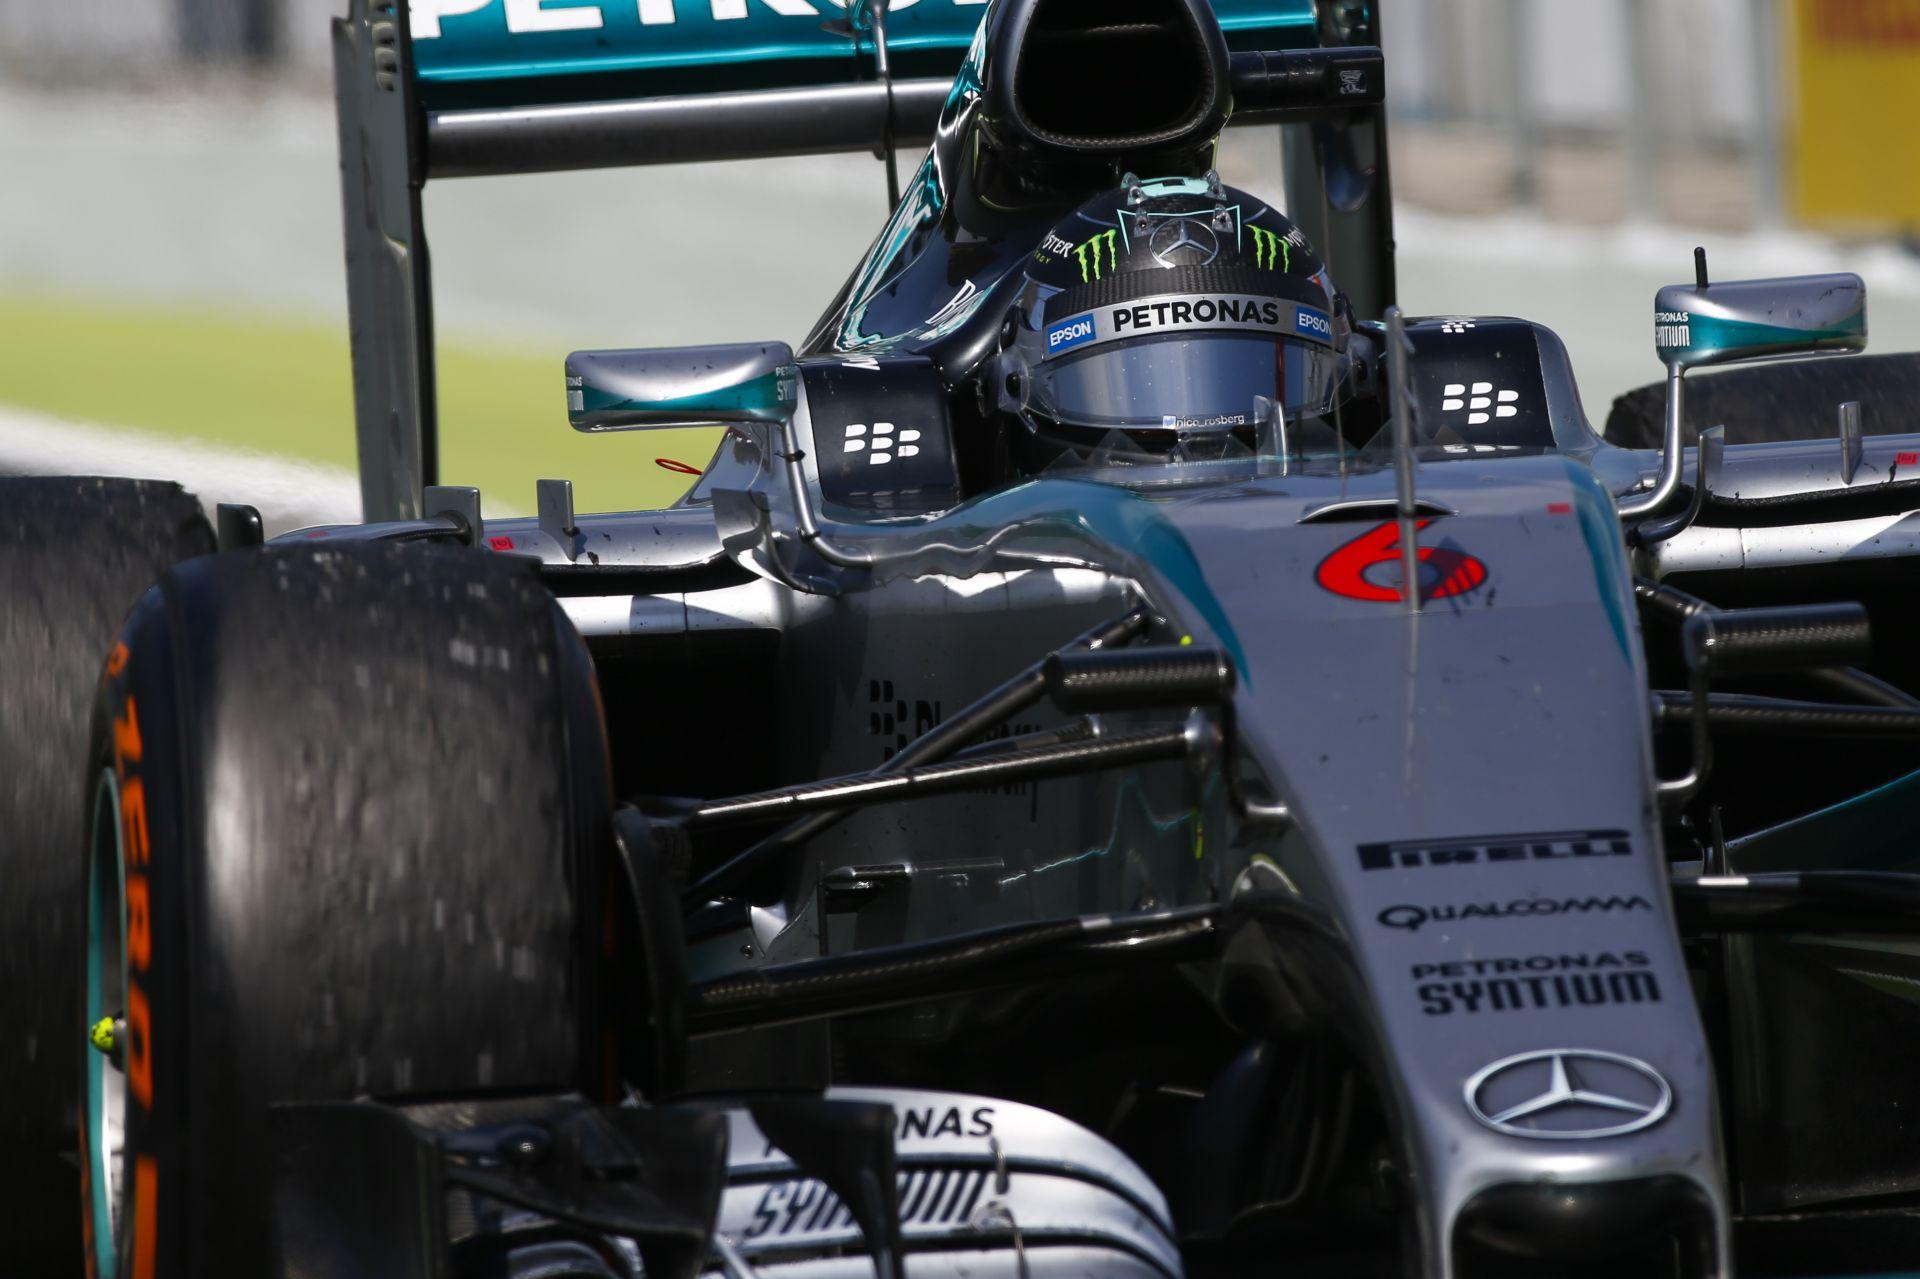 Izgalmas lenne az idei F1-es szezon, ha a Mercedest eltiltanák 4-5 futamra…